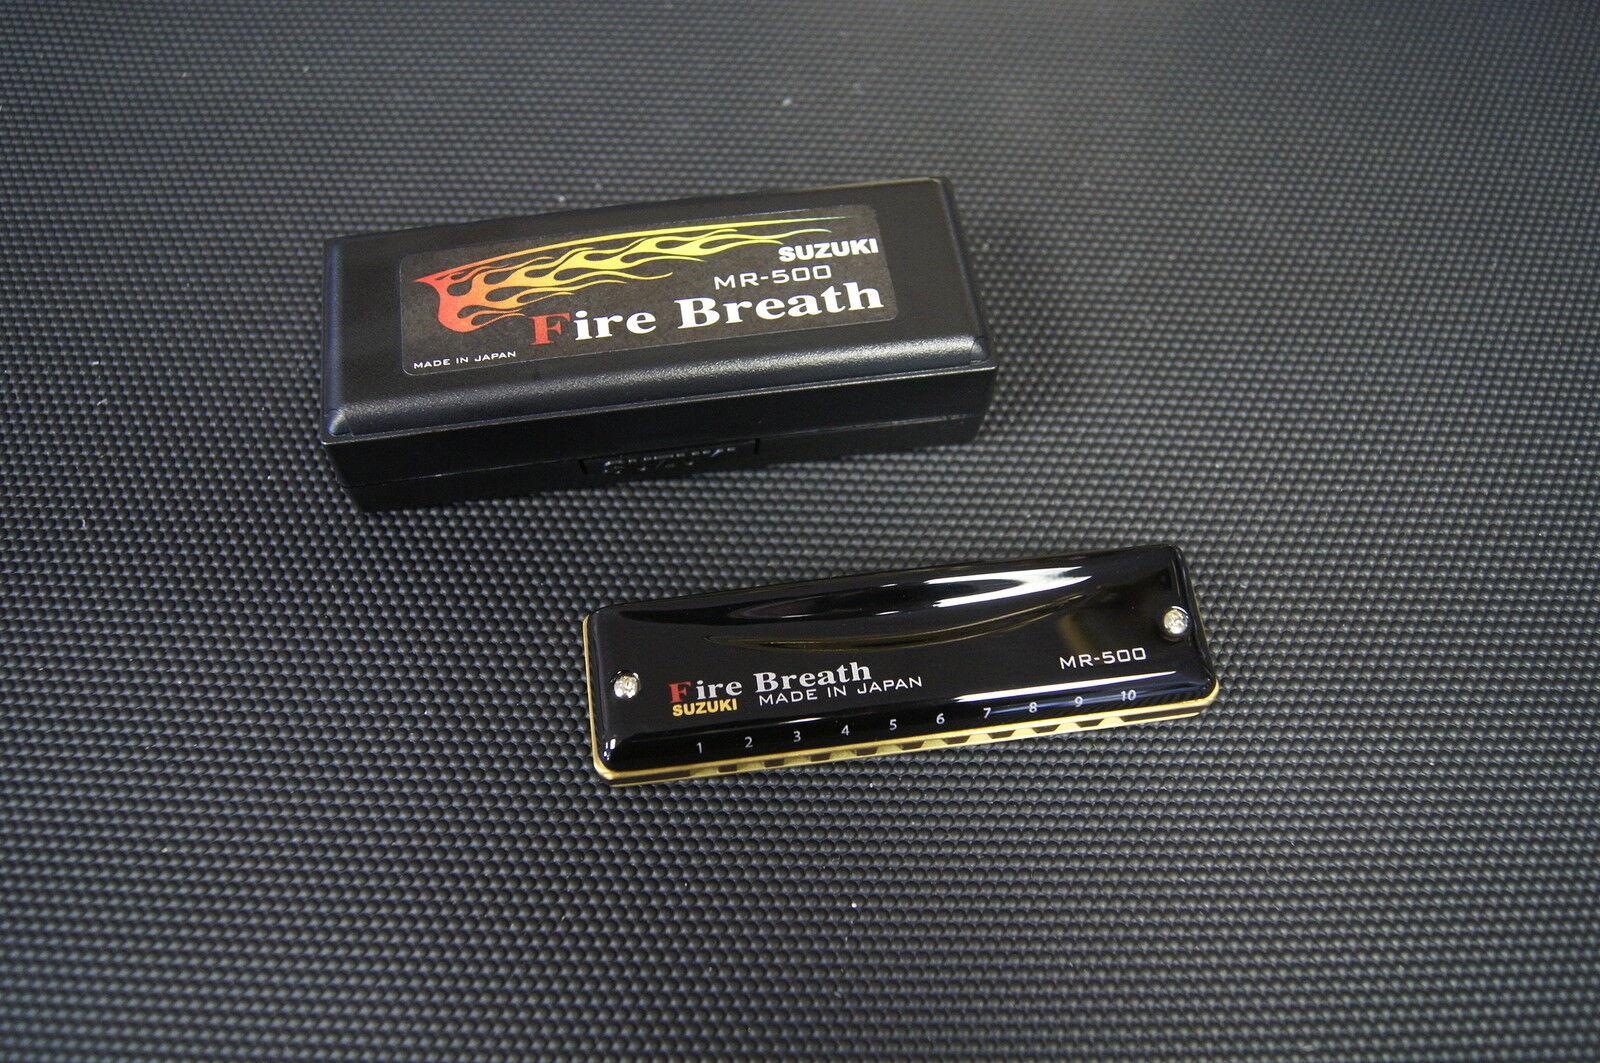 Harmonica diatonique Suzuki Fire Breath MR-500 Firebreath neuf